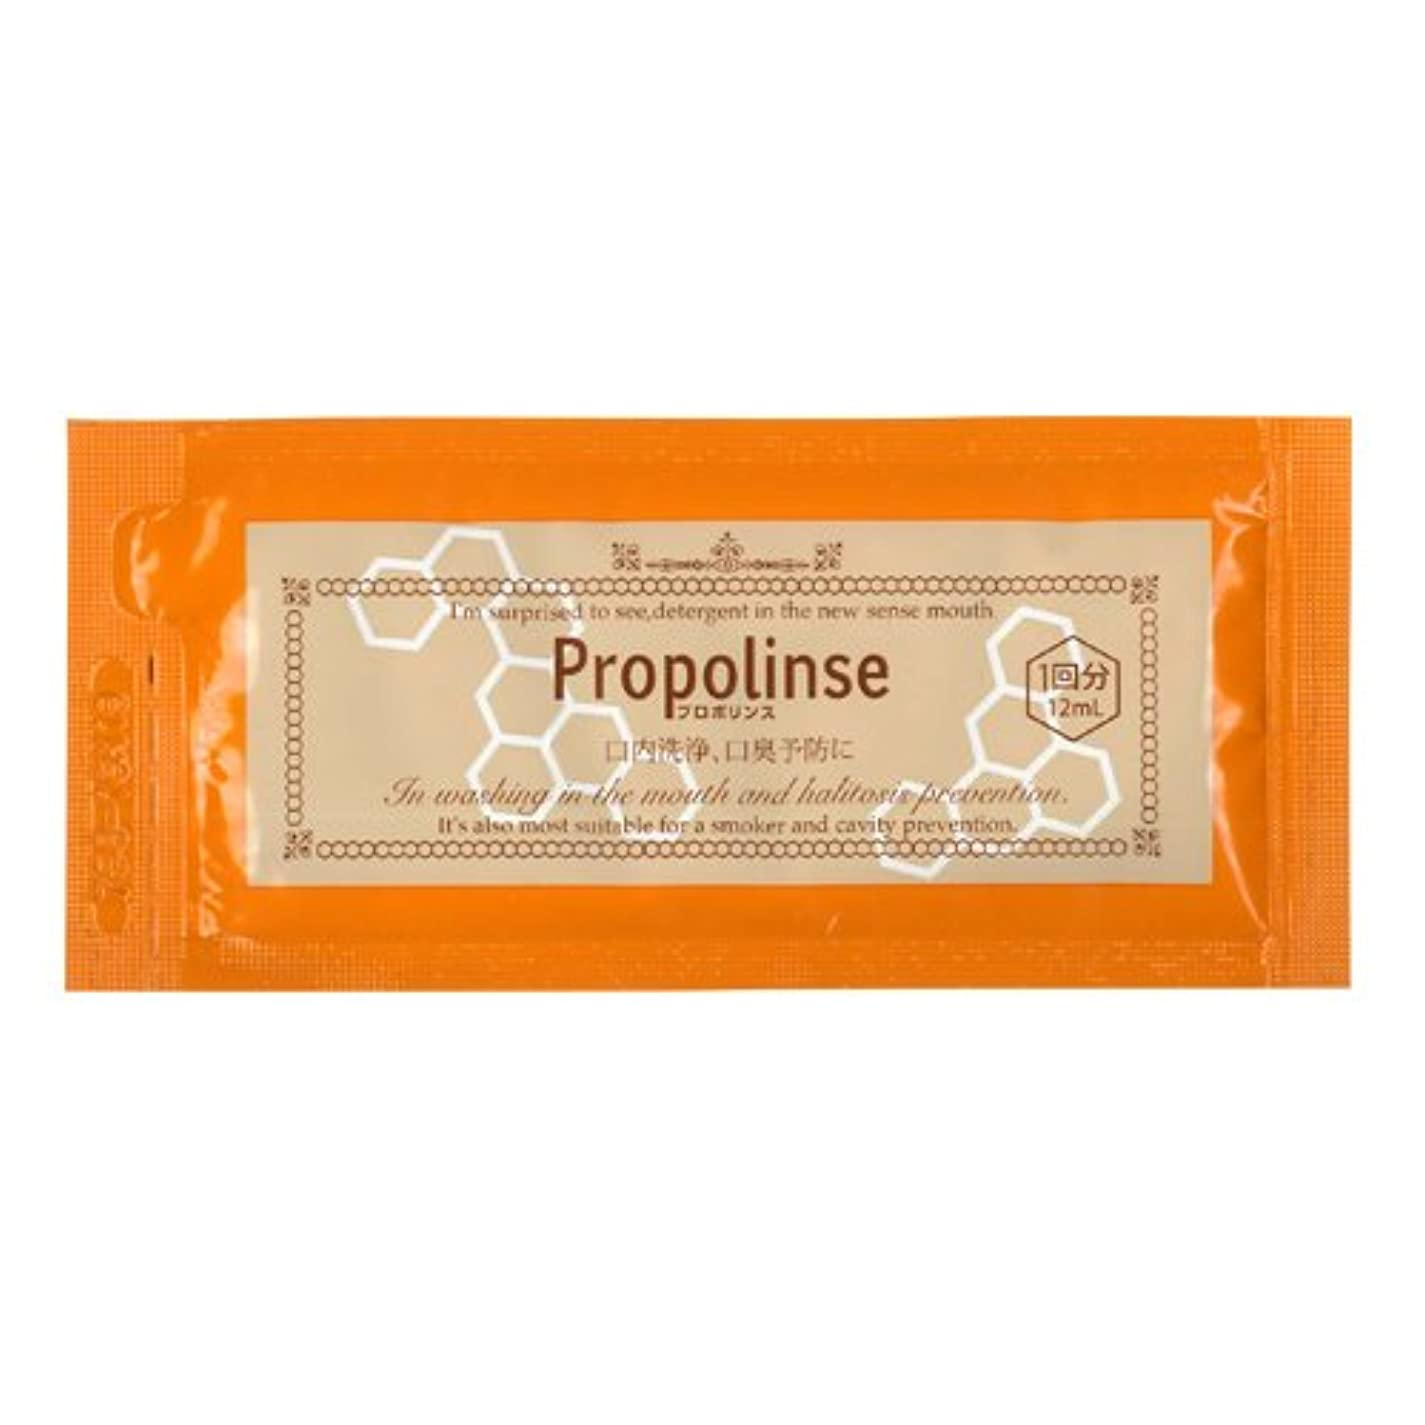 ワイド兄弟愛親密なプロポリンス ハンディパウチ 12ml(1袋)×100袋